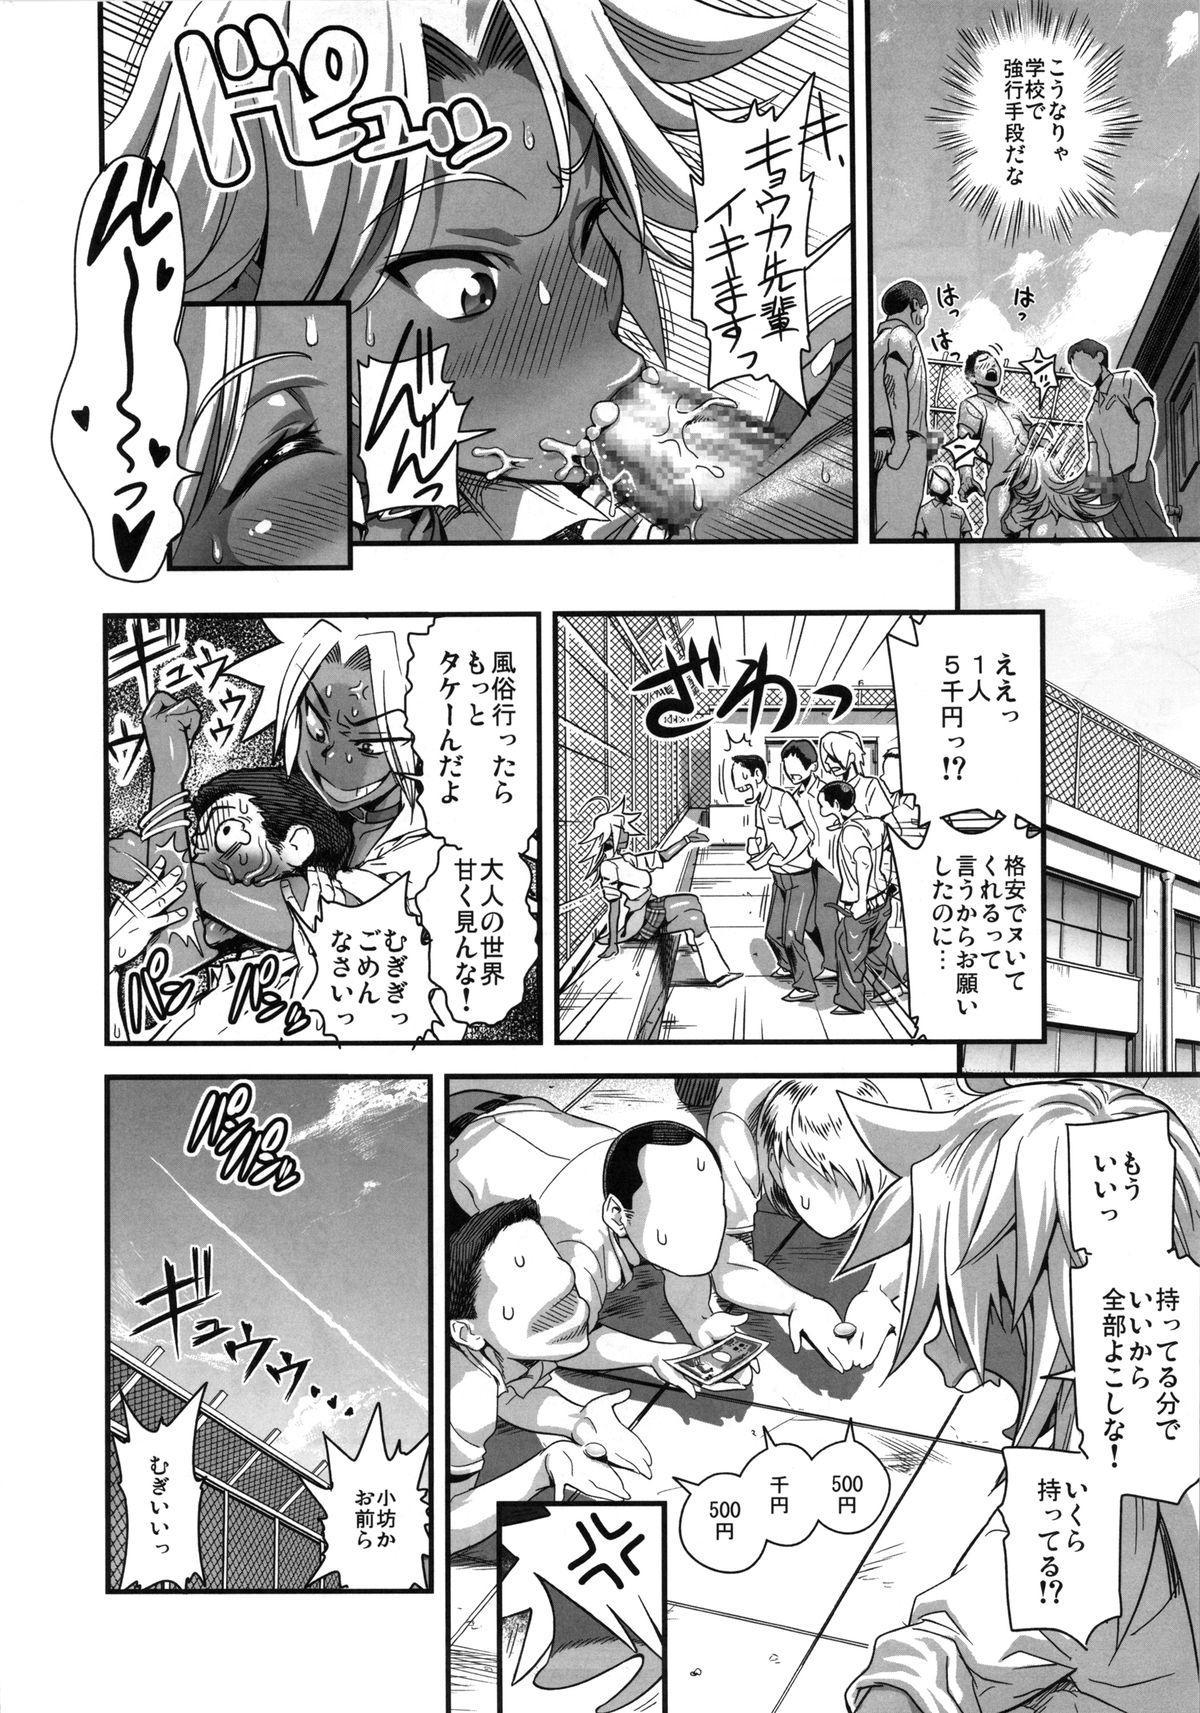 Energy Kyo-ka!! Soushuuhen 1 NukiSuppo Hen 4